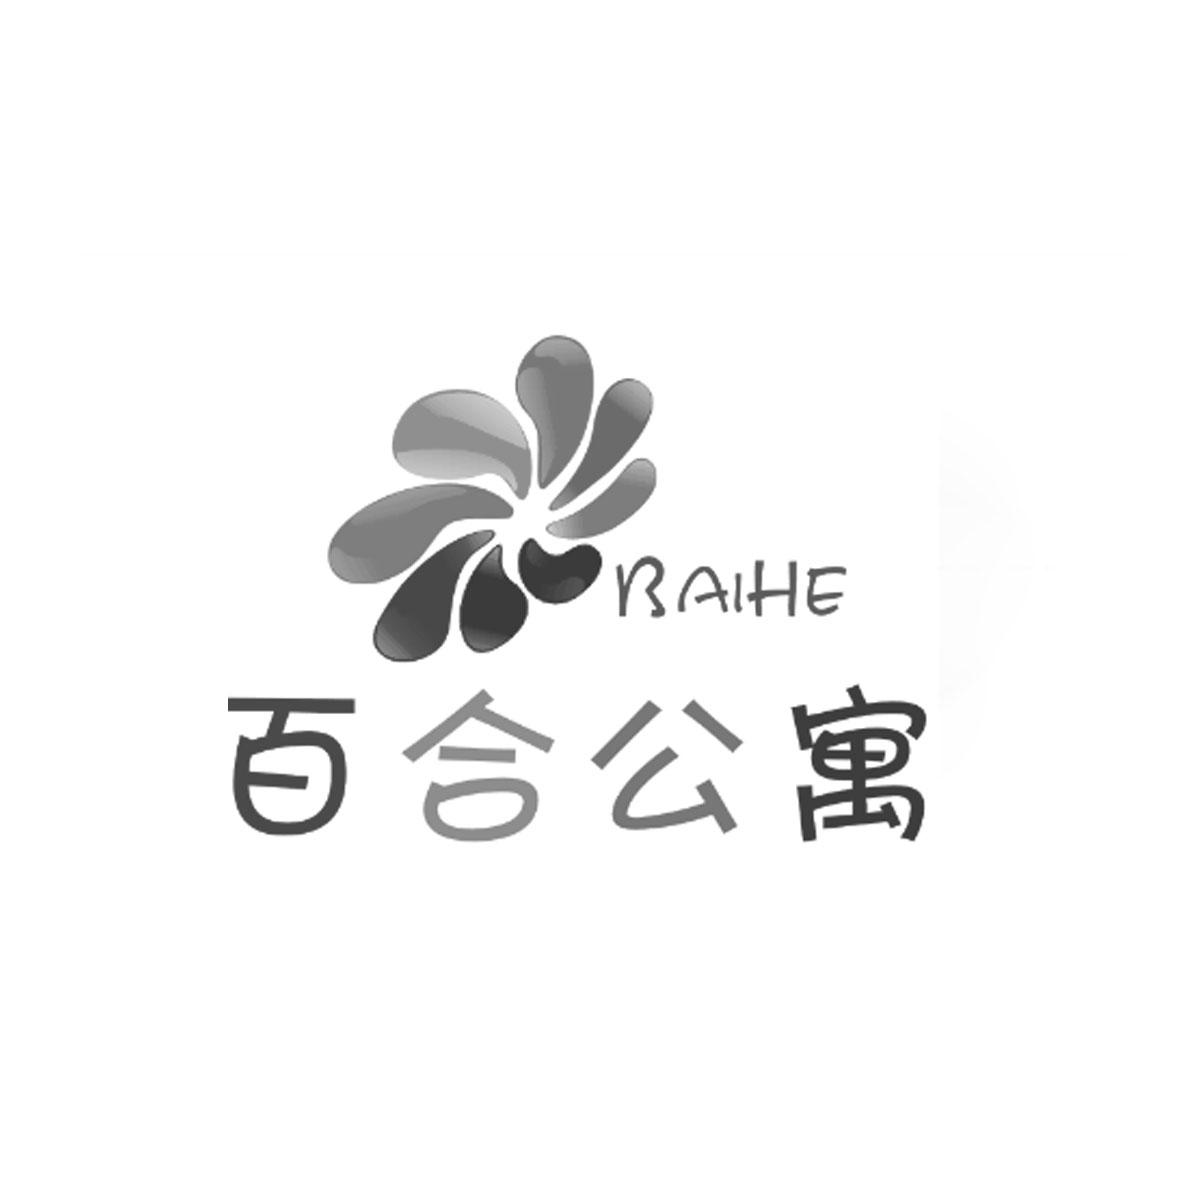 香吻yubaihe_百合公寓 baihe